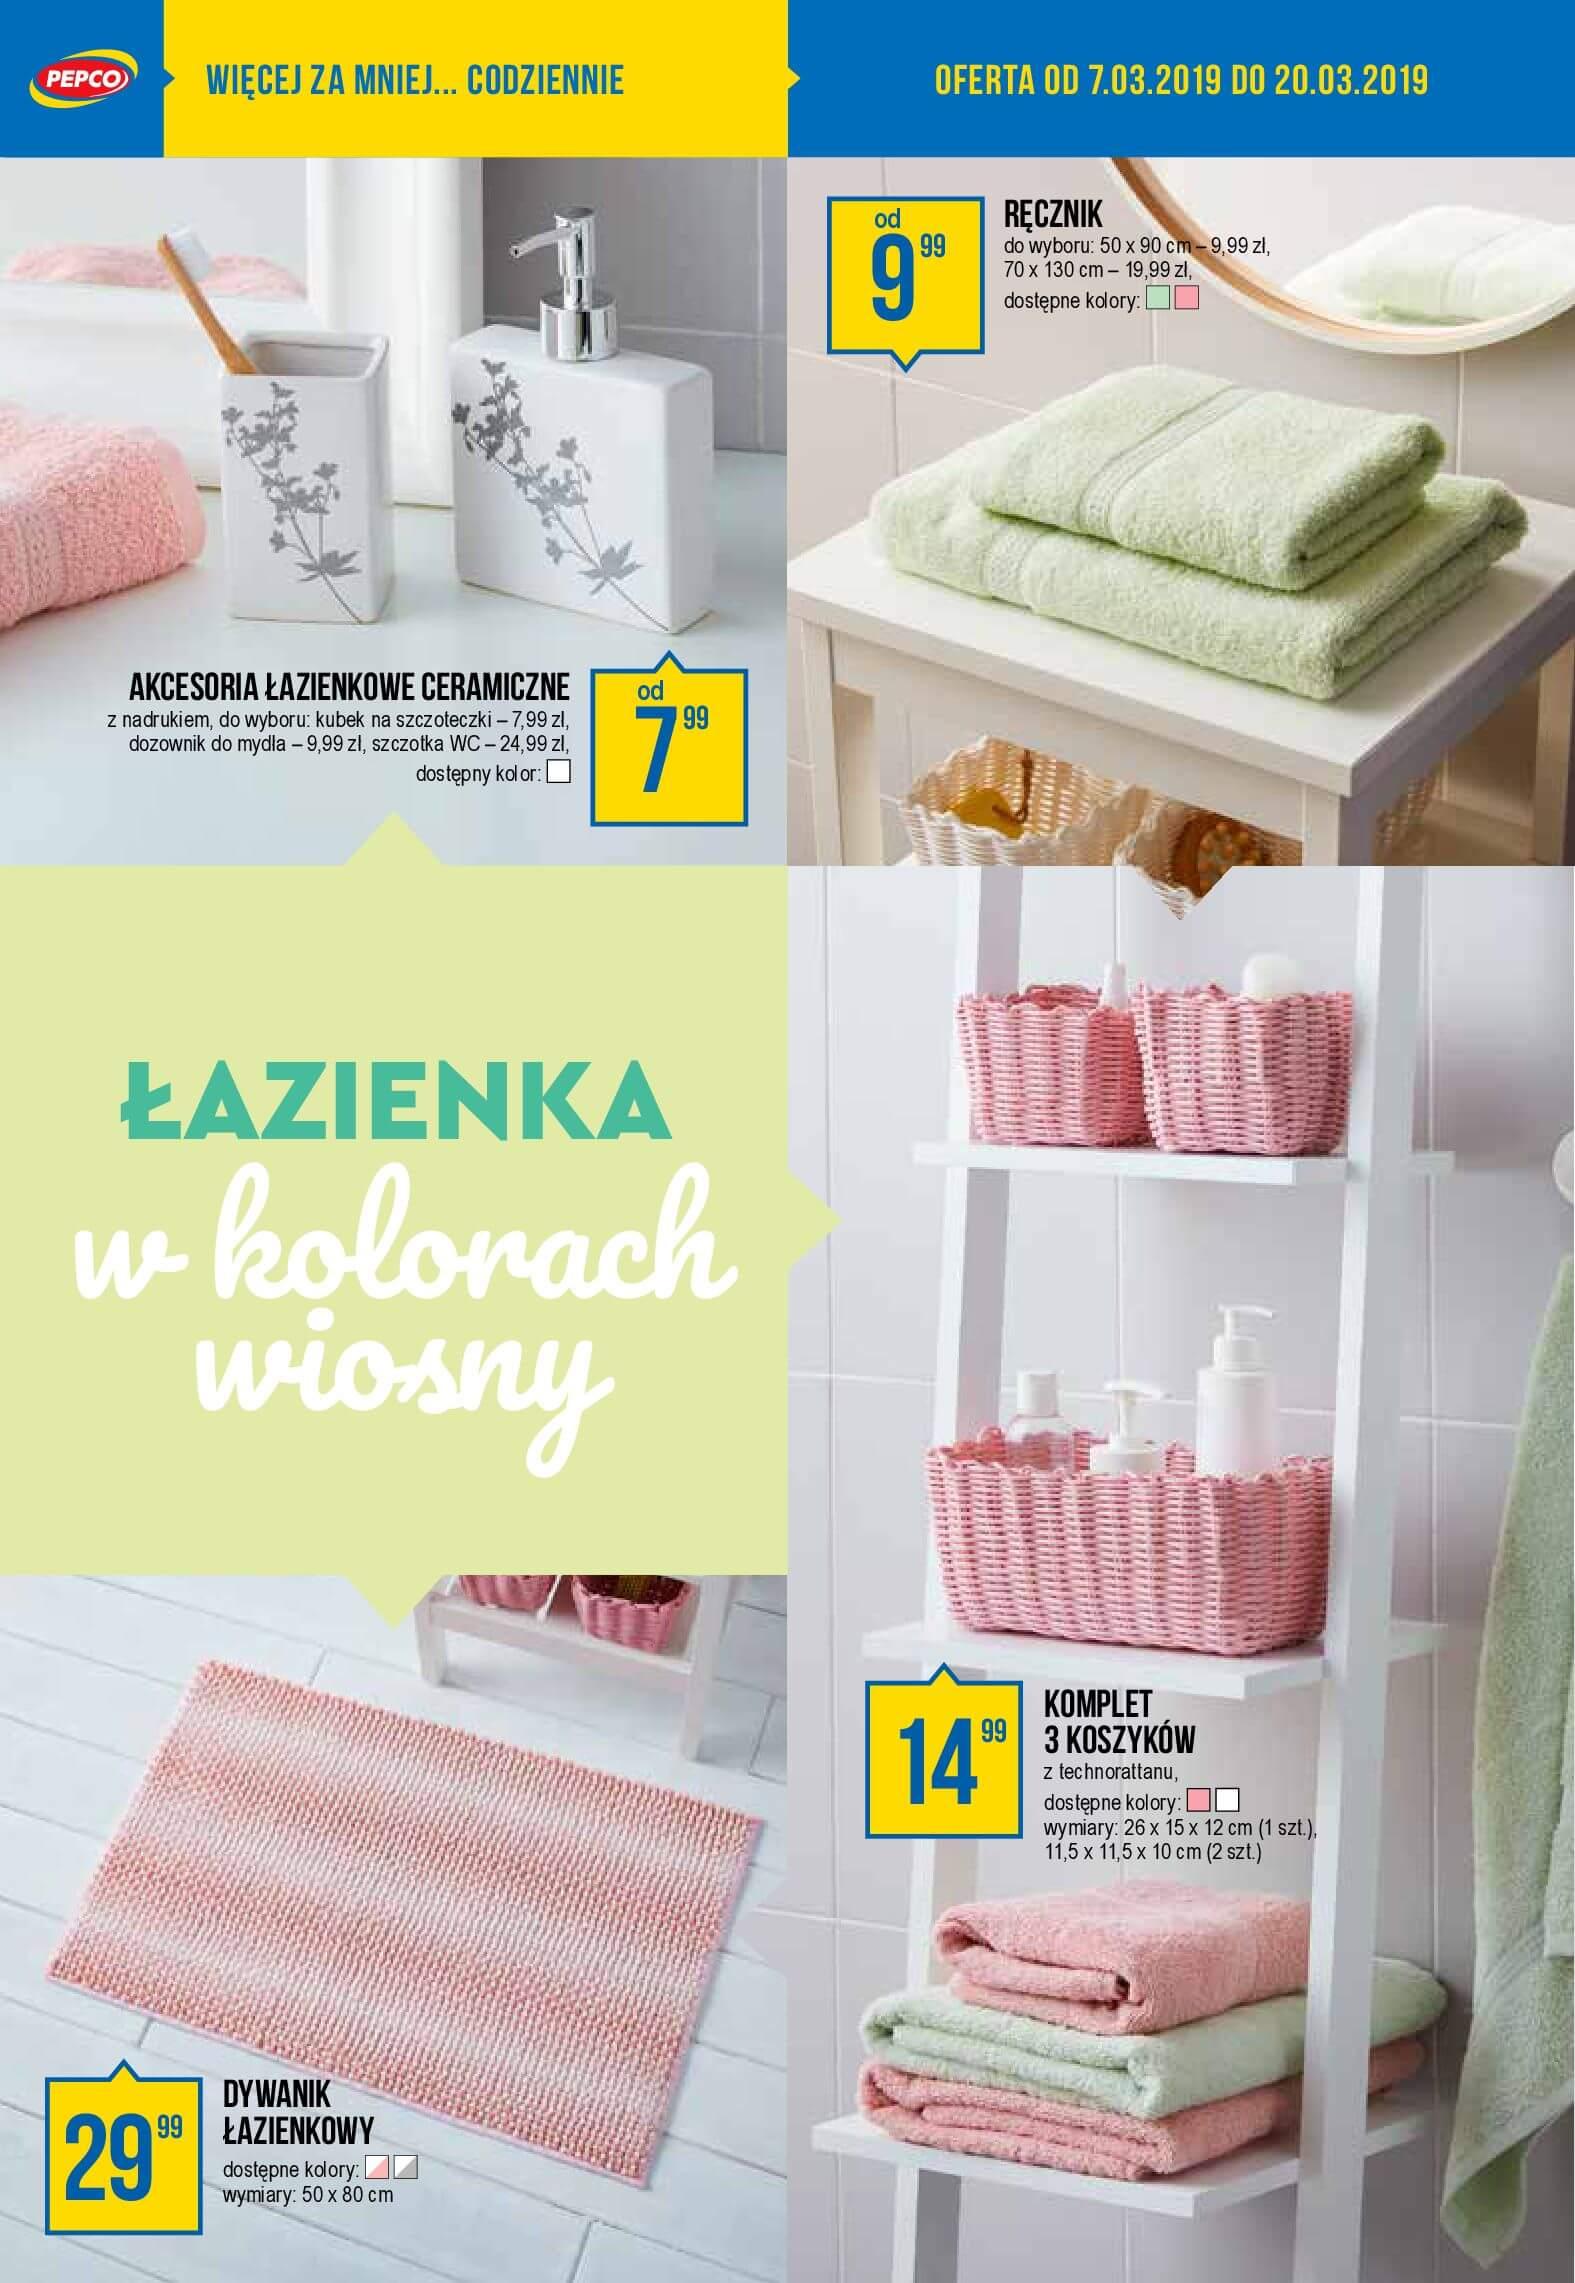 Gazetka Pepco - Wiosenna szafa modnie i niedrogo-06.03.2019-20.03.2019-page-